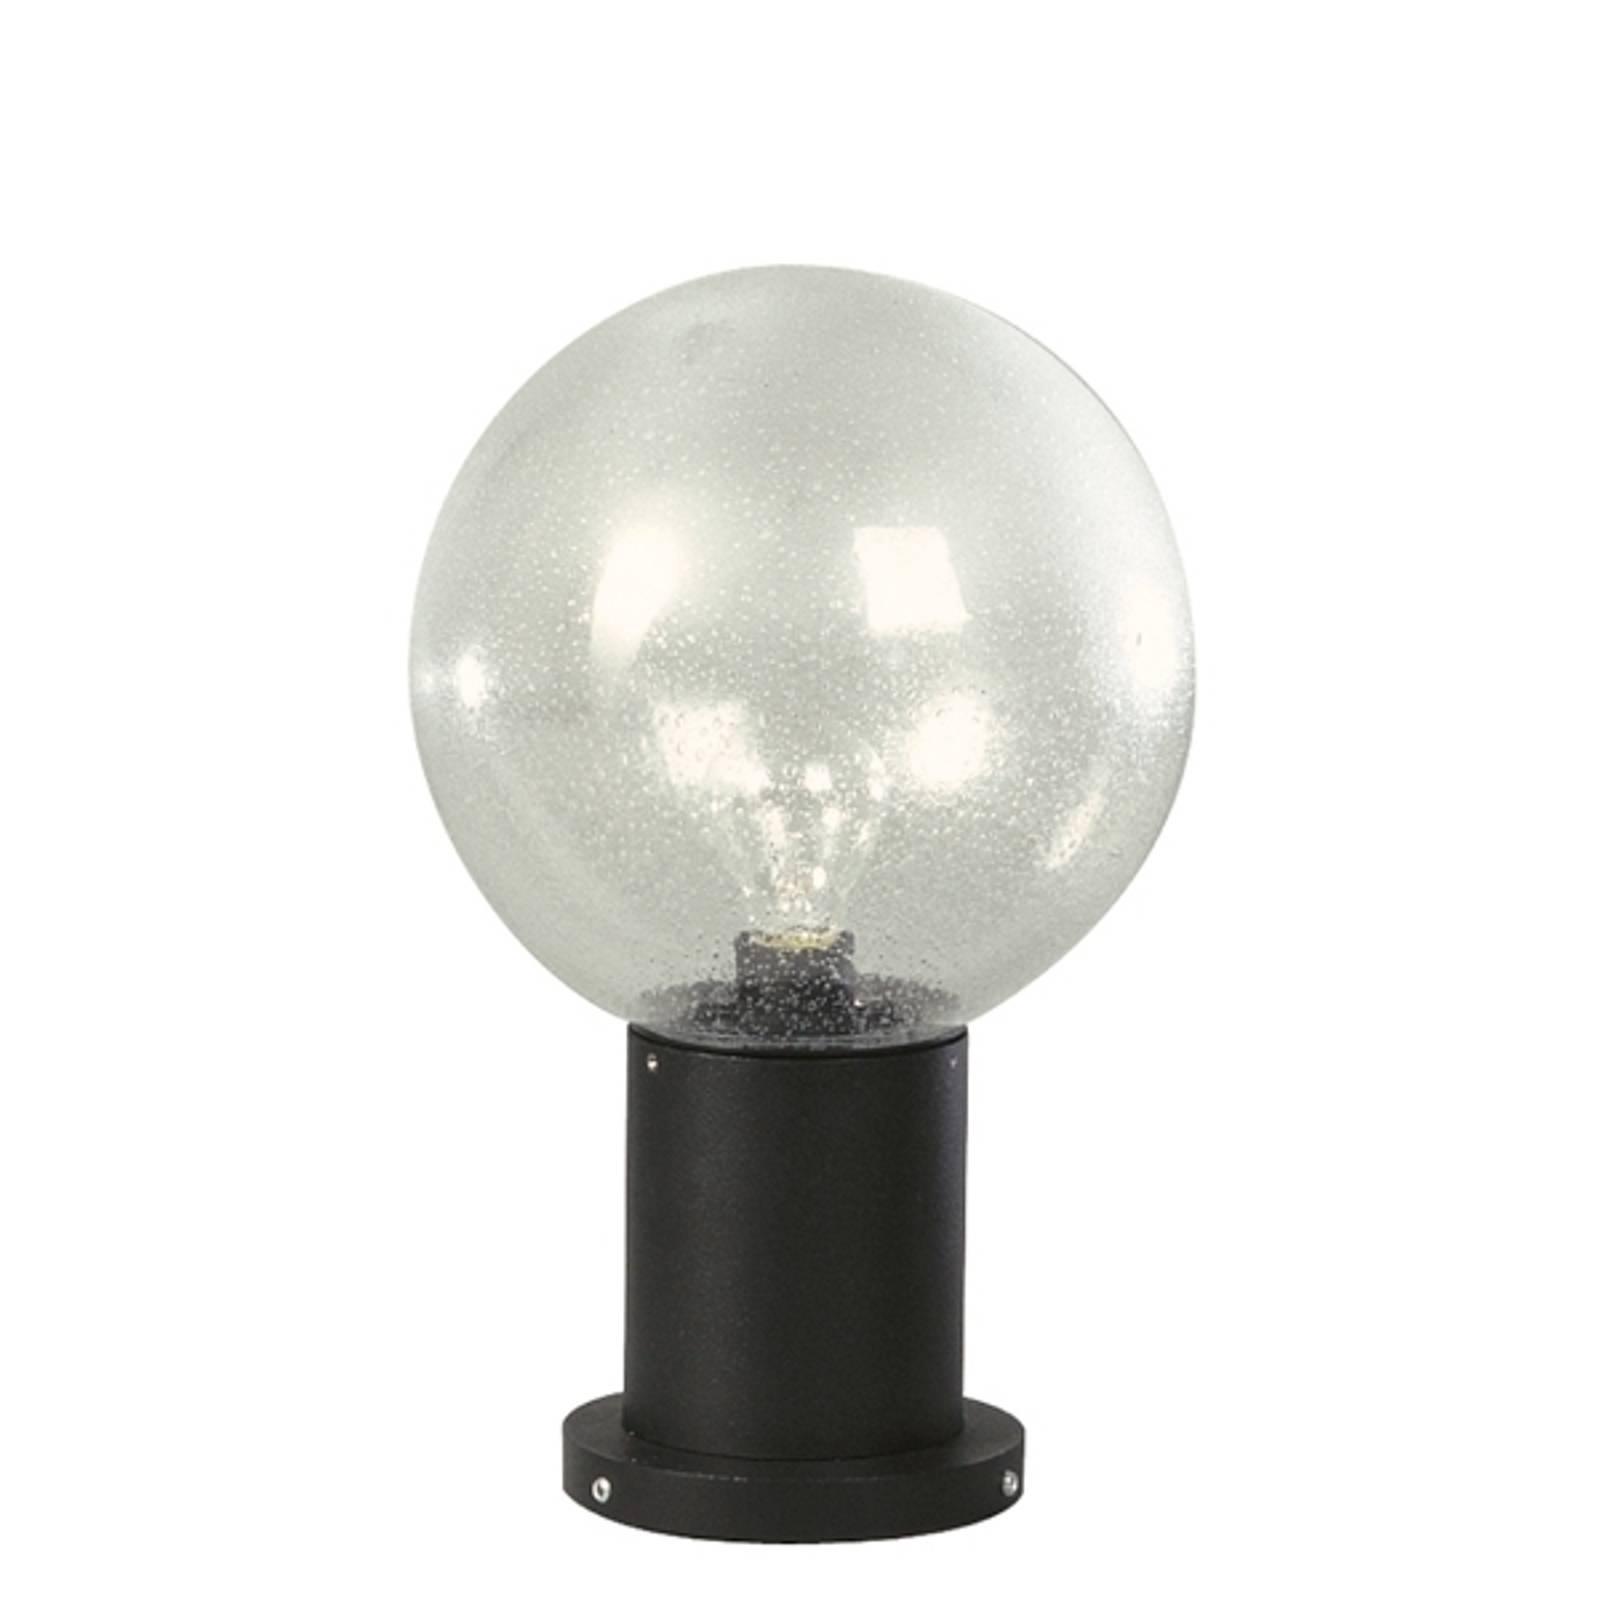 Luminaire pour socle II noir en verre à bulles